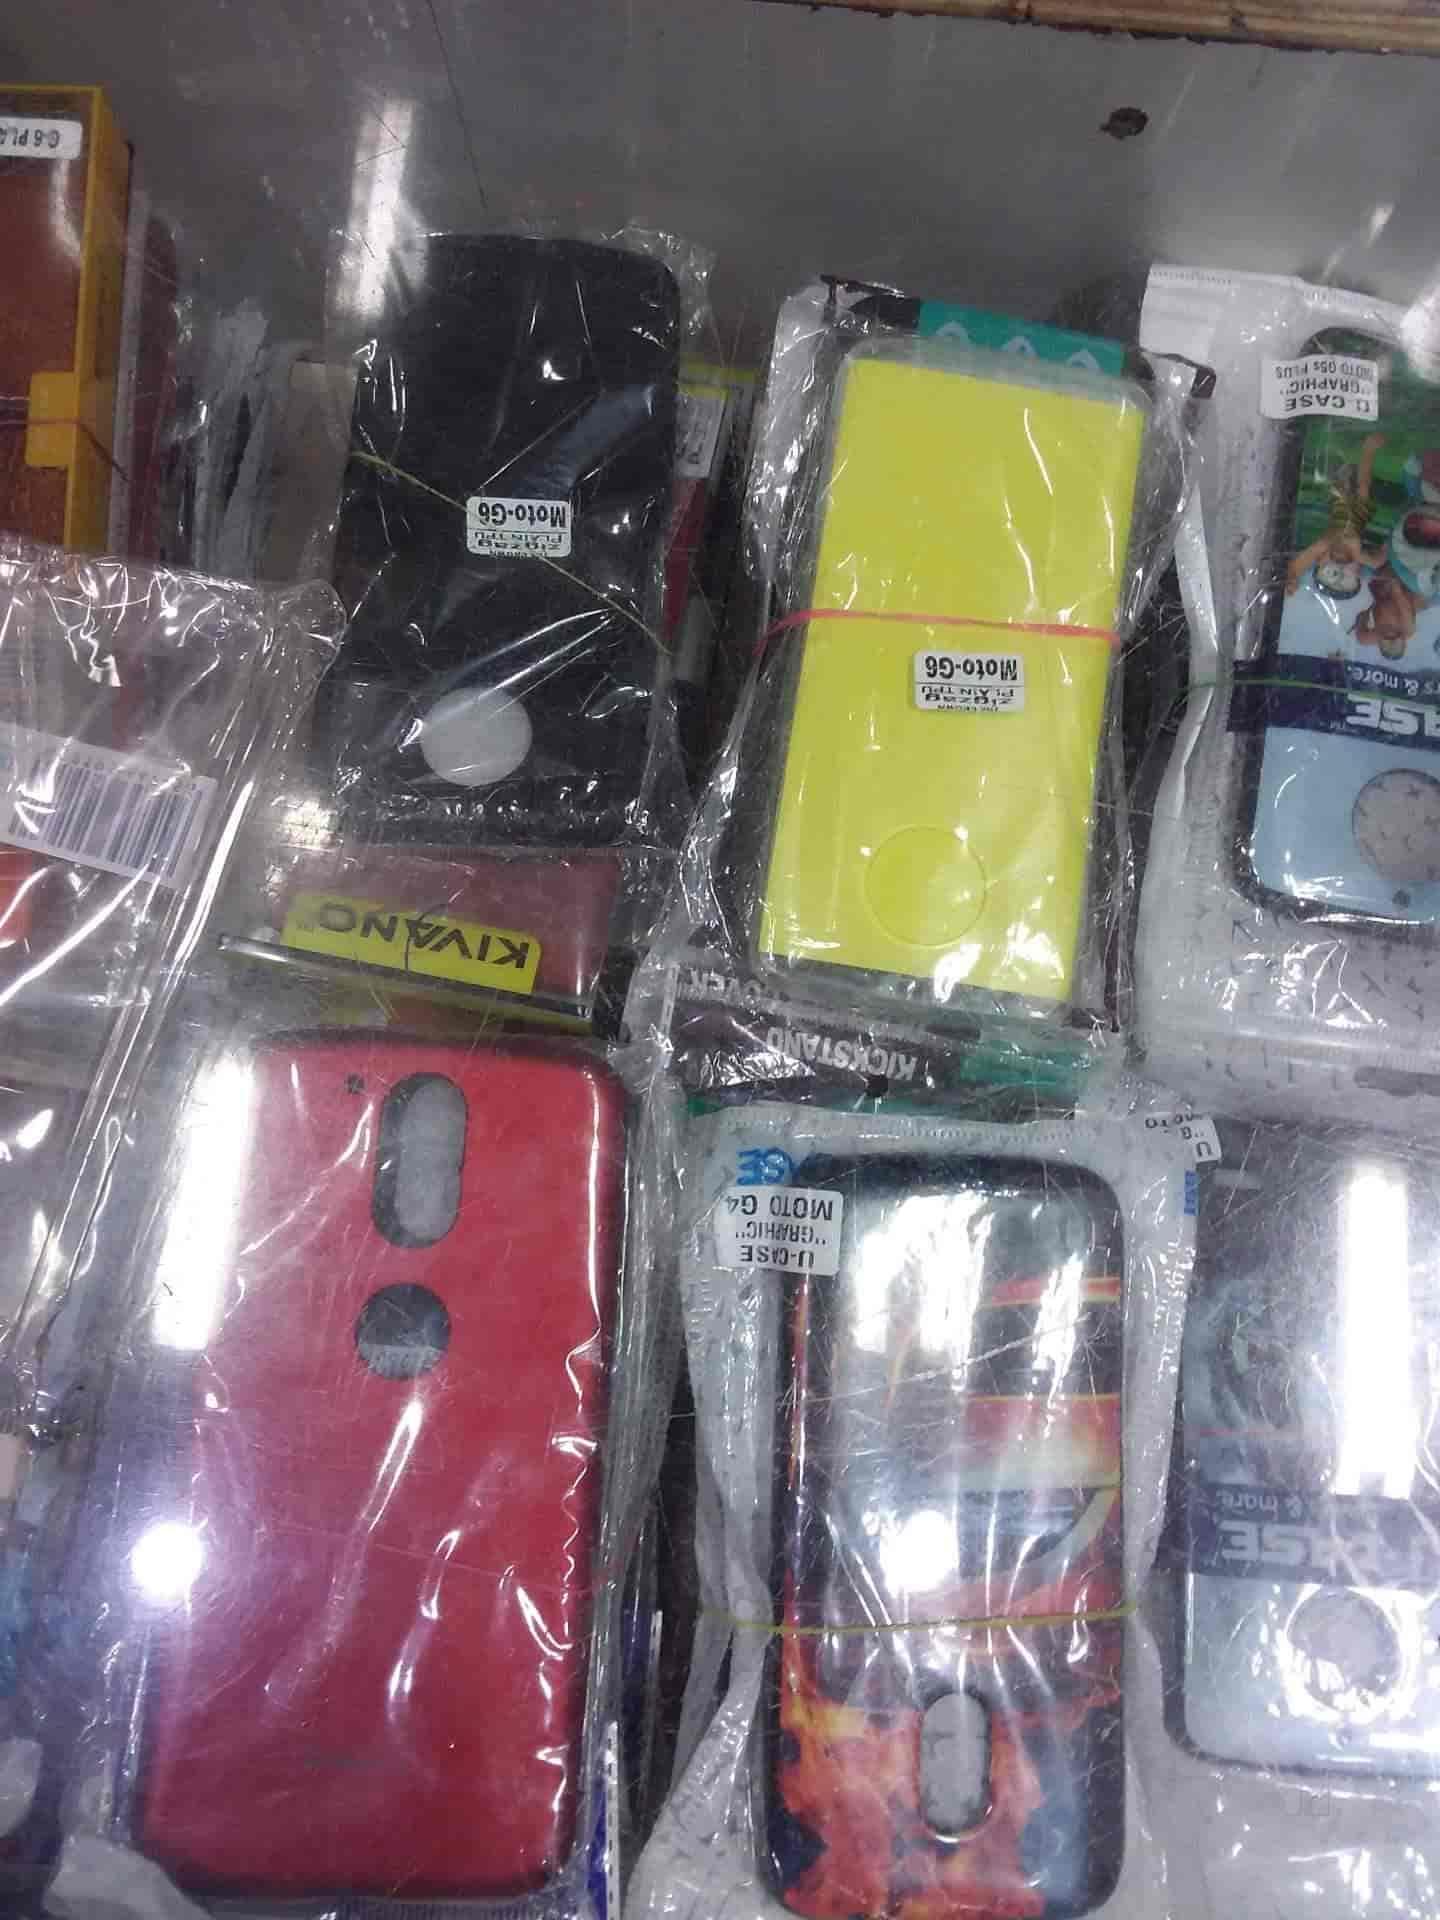 Vasu mobile repair & service, Bazar - Mobile Phone Repair